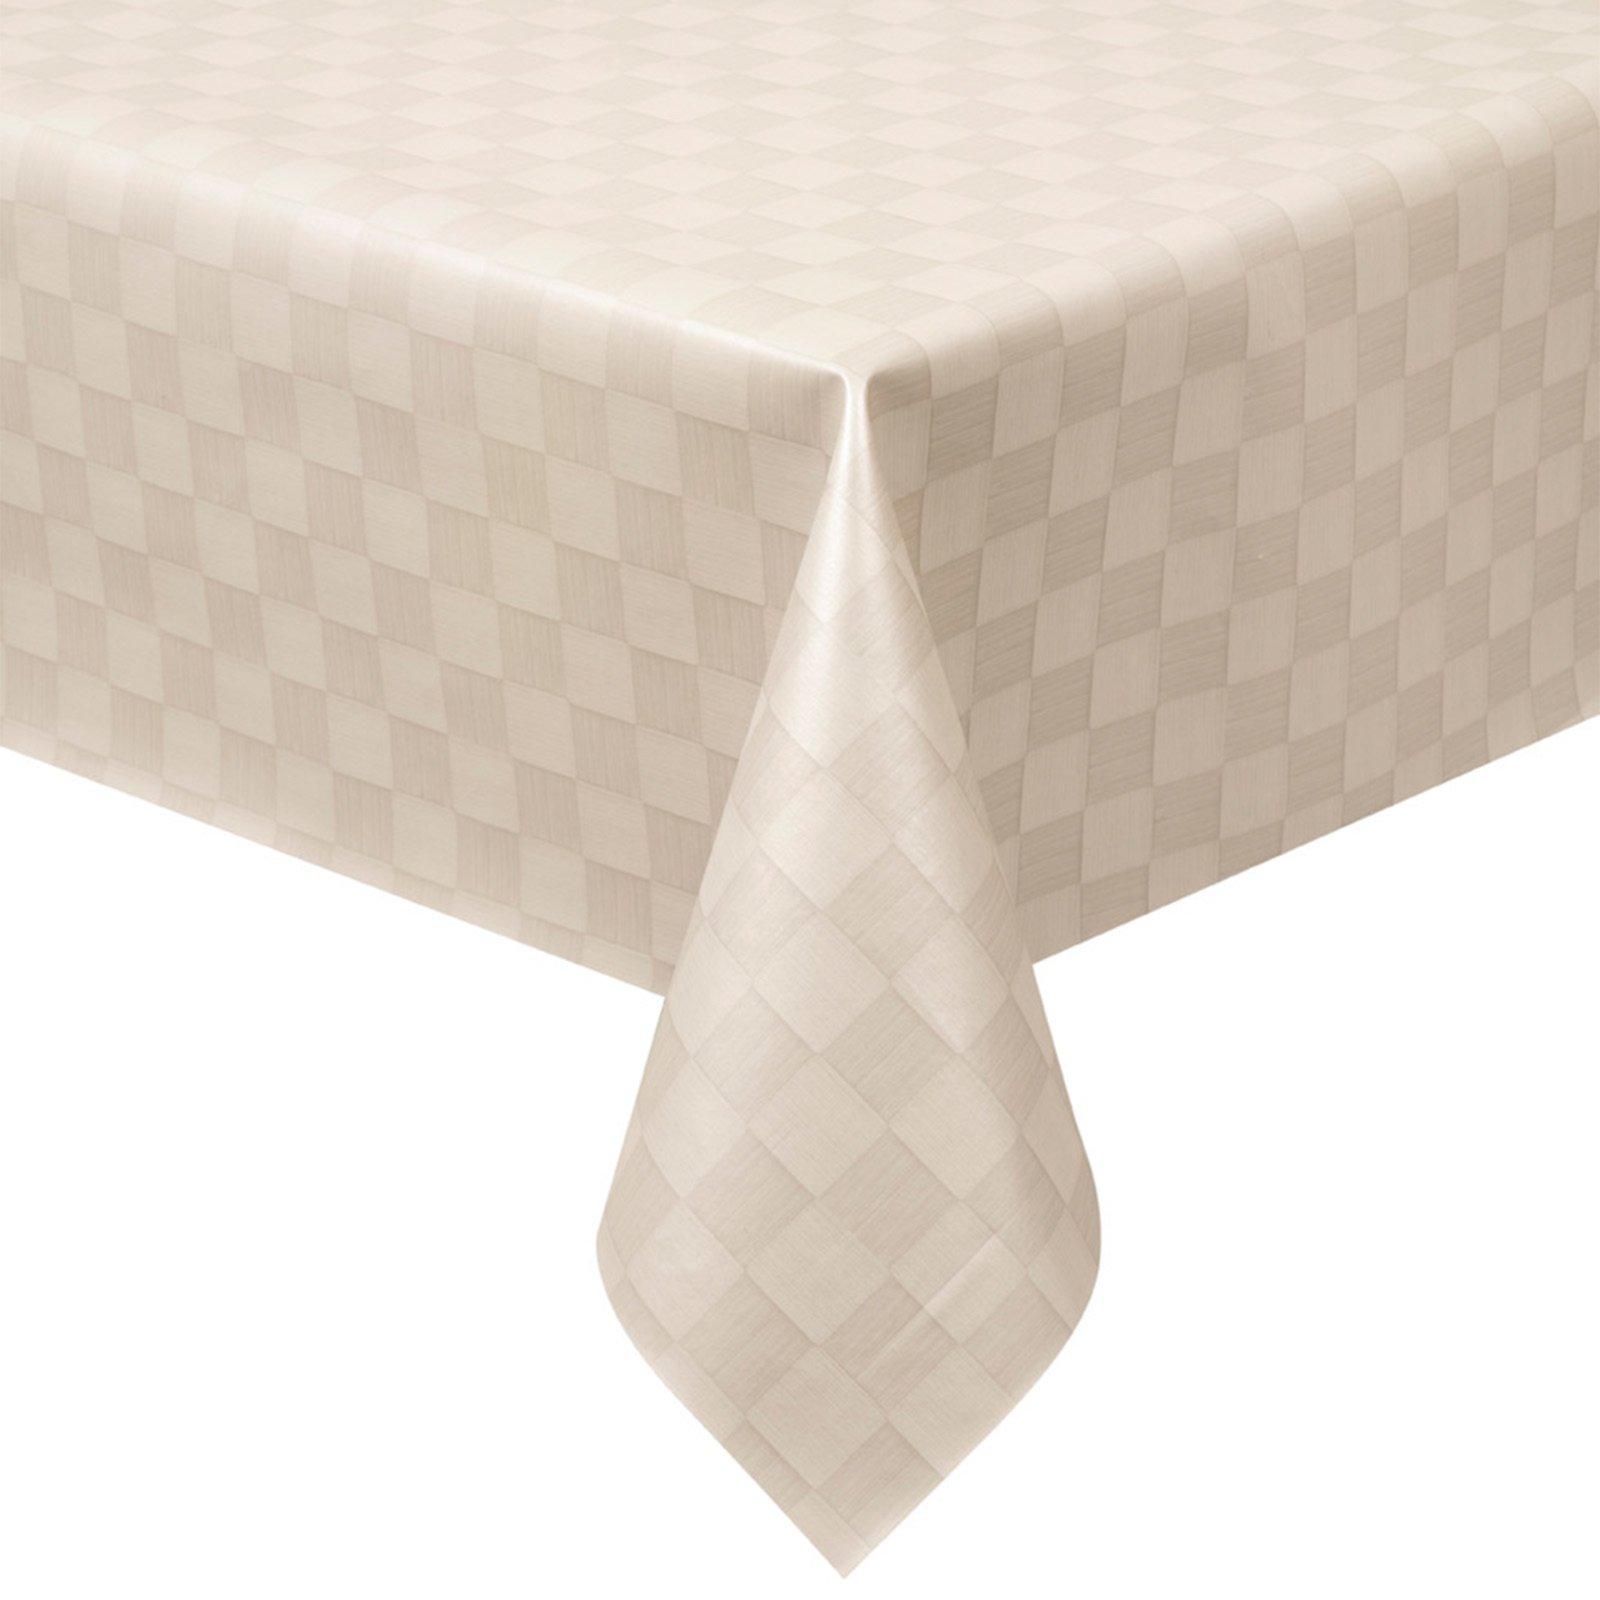 tischdecke damast wei flechtkaro 140 cm breit tischdecken tischl ufer k che. Black Bedroom Furniture Sets. Home Design Ideas